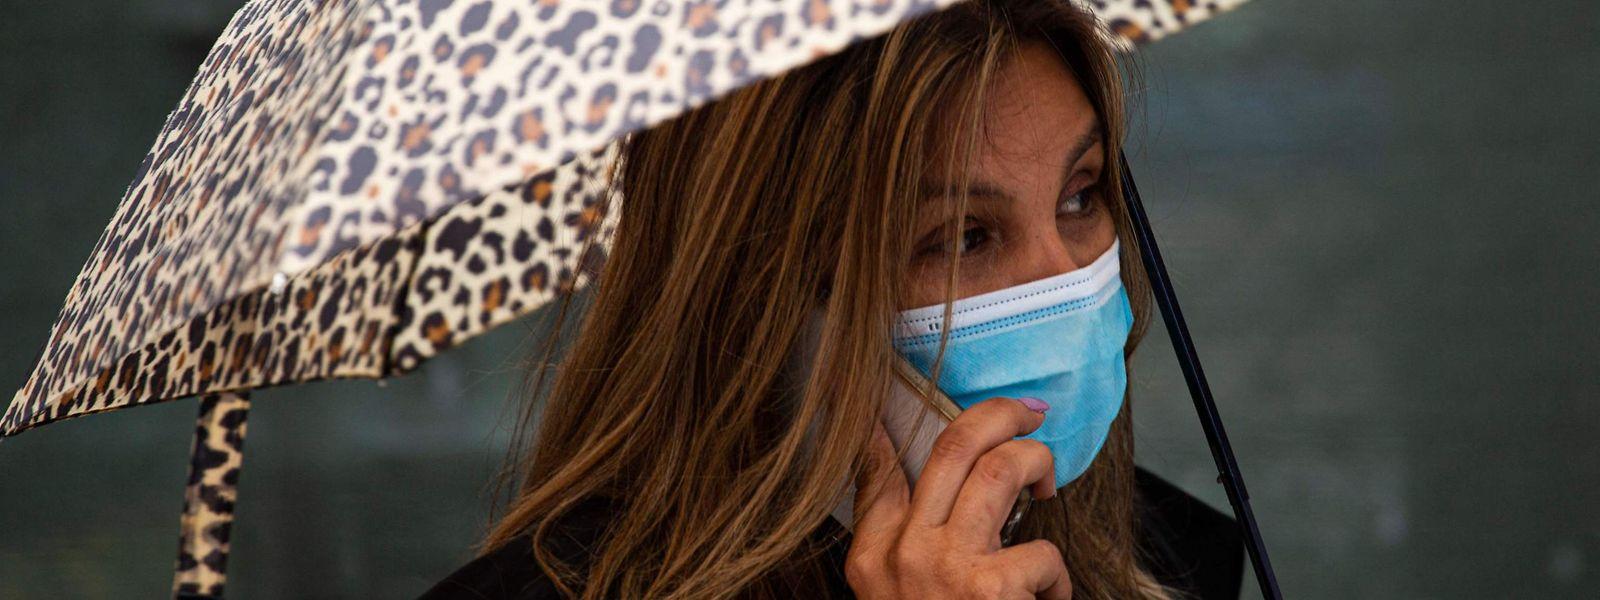 Depuis le début de la pandémie, 3,26 millions de tests PCR ont déjà été analysés au Luxembourg.